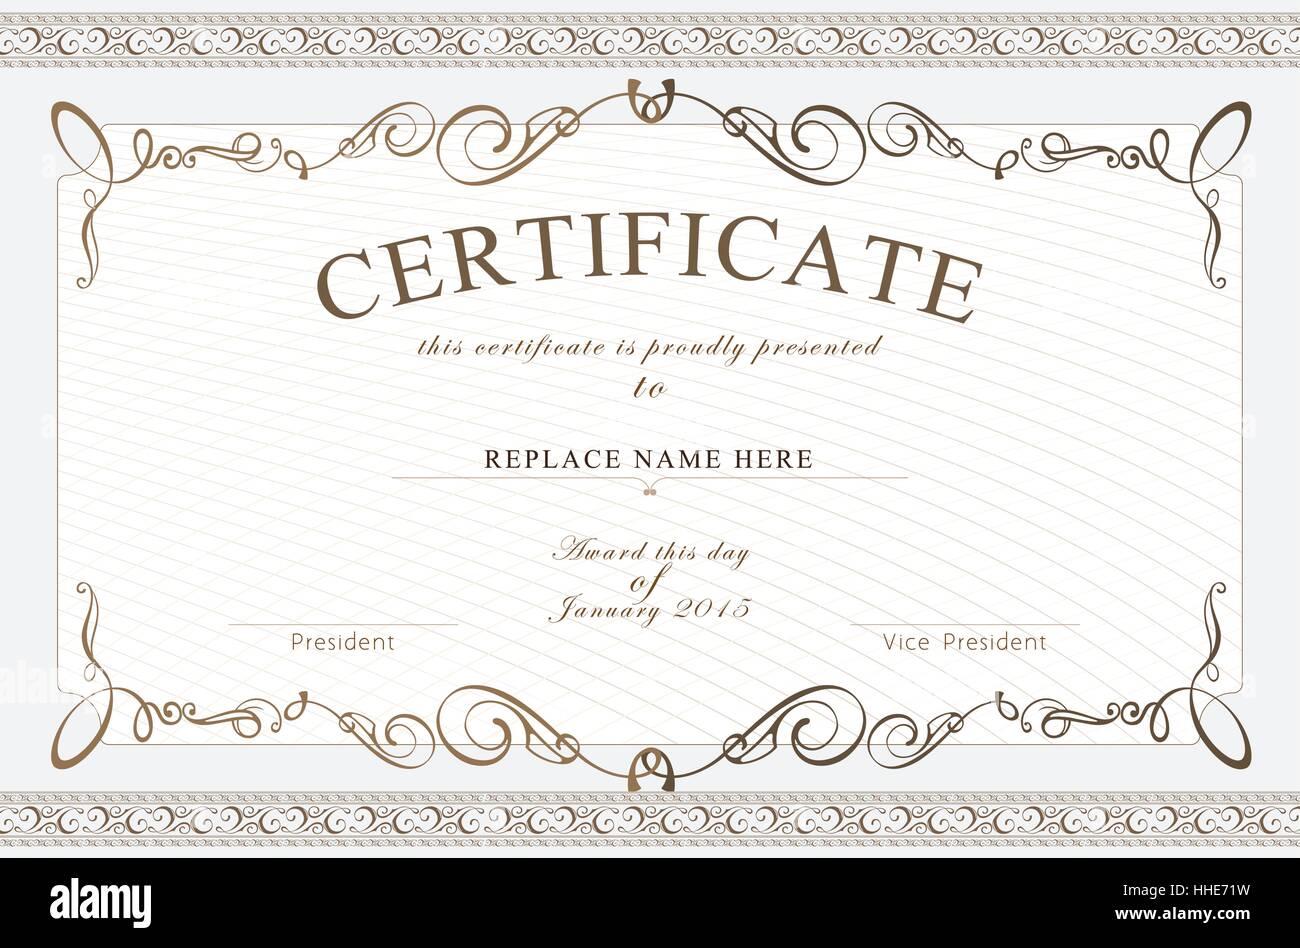 Nett Zertifikatvorlage Für Den Ersten Preis Galerie - Entry Level ...